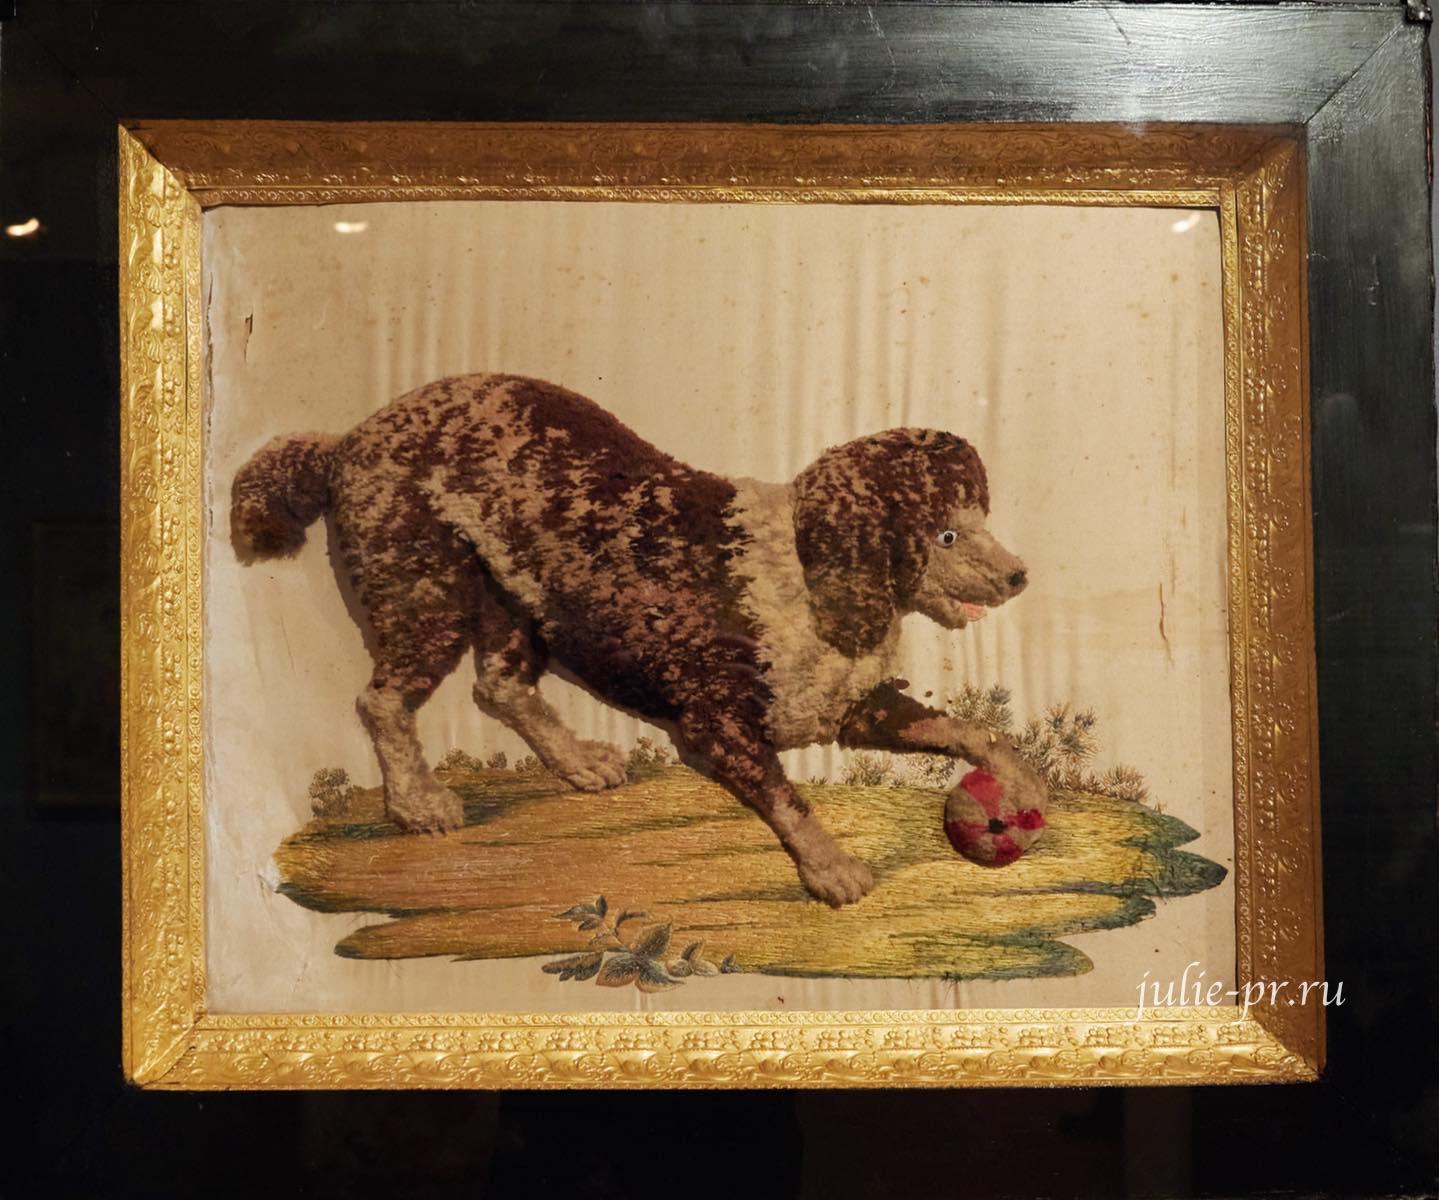 Пудель Артемон, 1840-е гг, Россия, вышивка шерстью и шёлком по шёлку, выставка Старинные вышивки